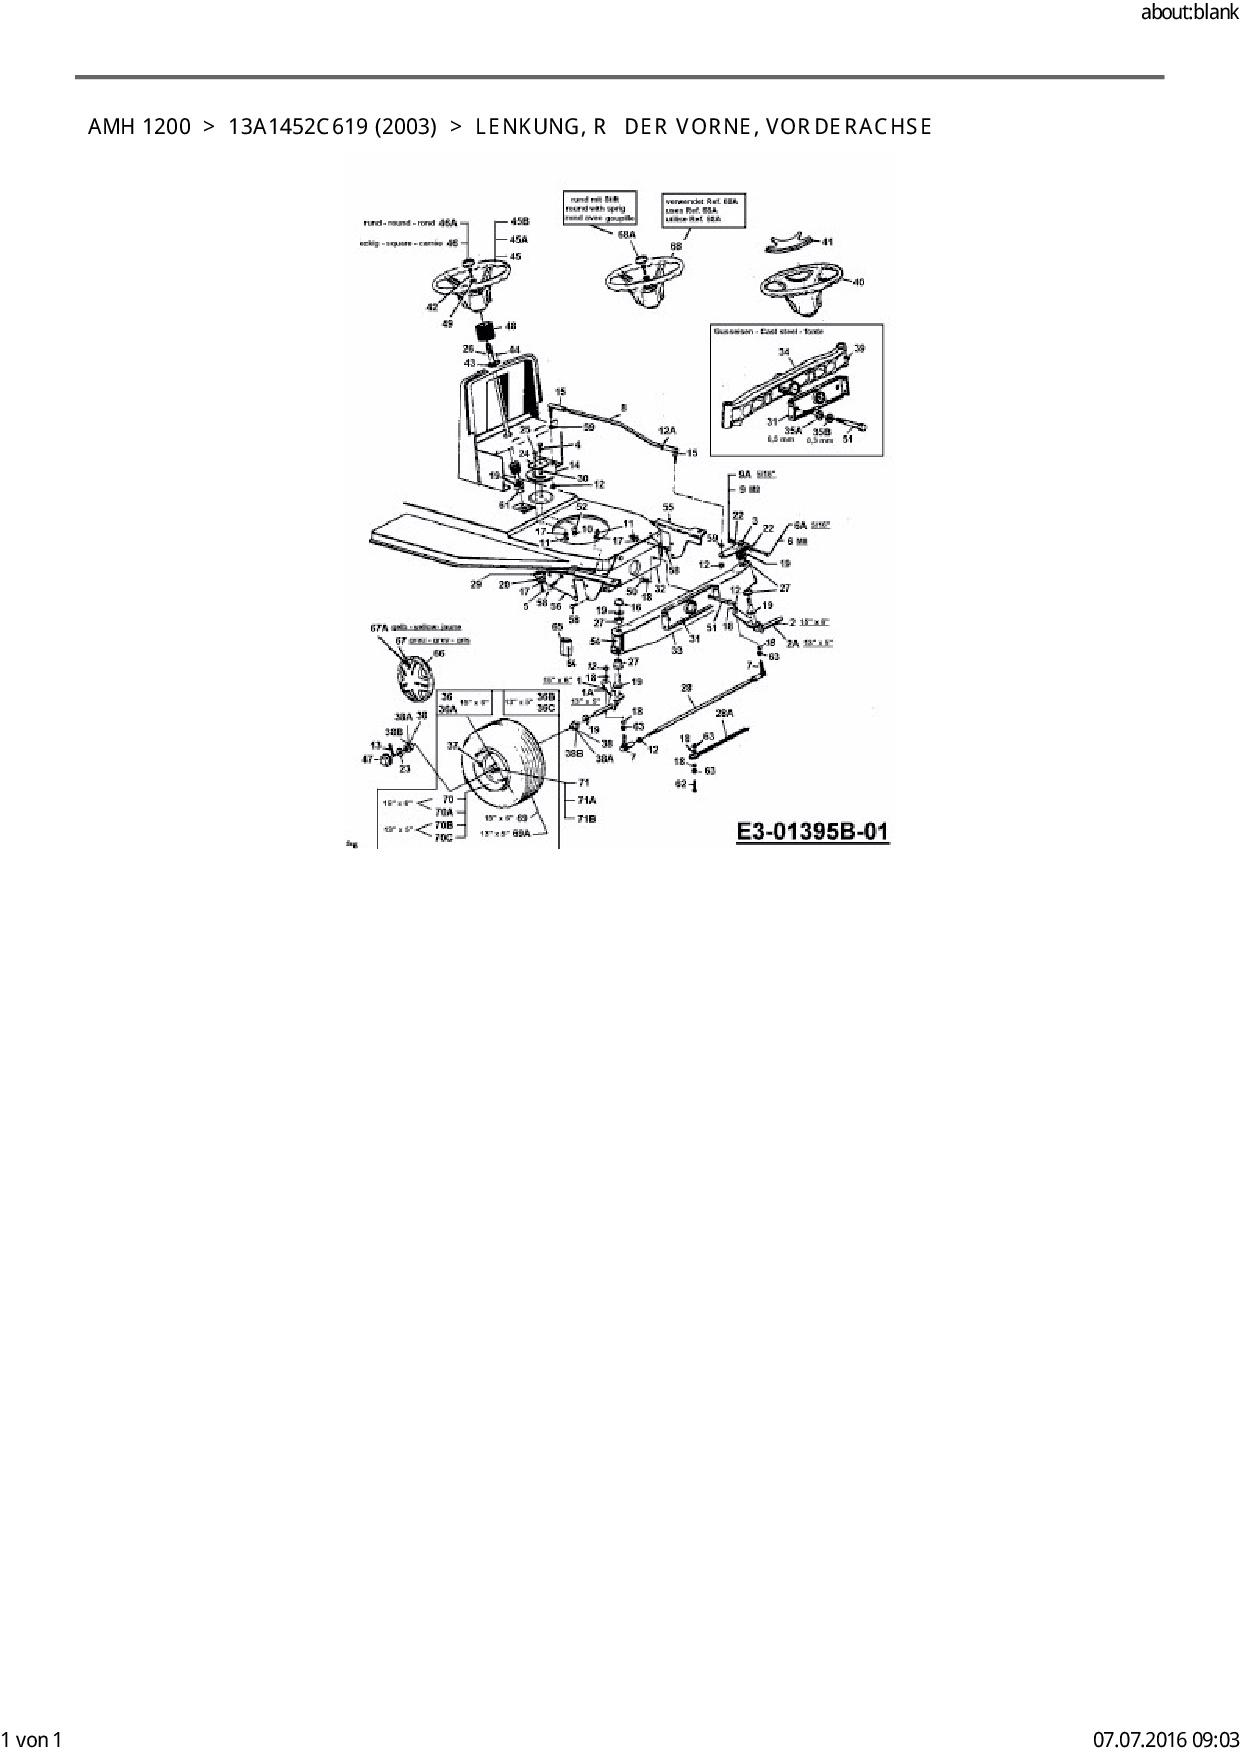 Zündschloss 6-Pol passend Fleurelle AMH 1200 13D1452C619 Rasentraktor